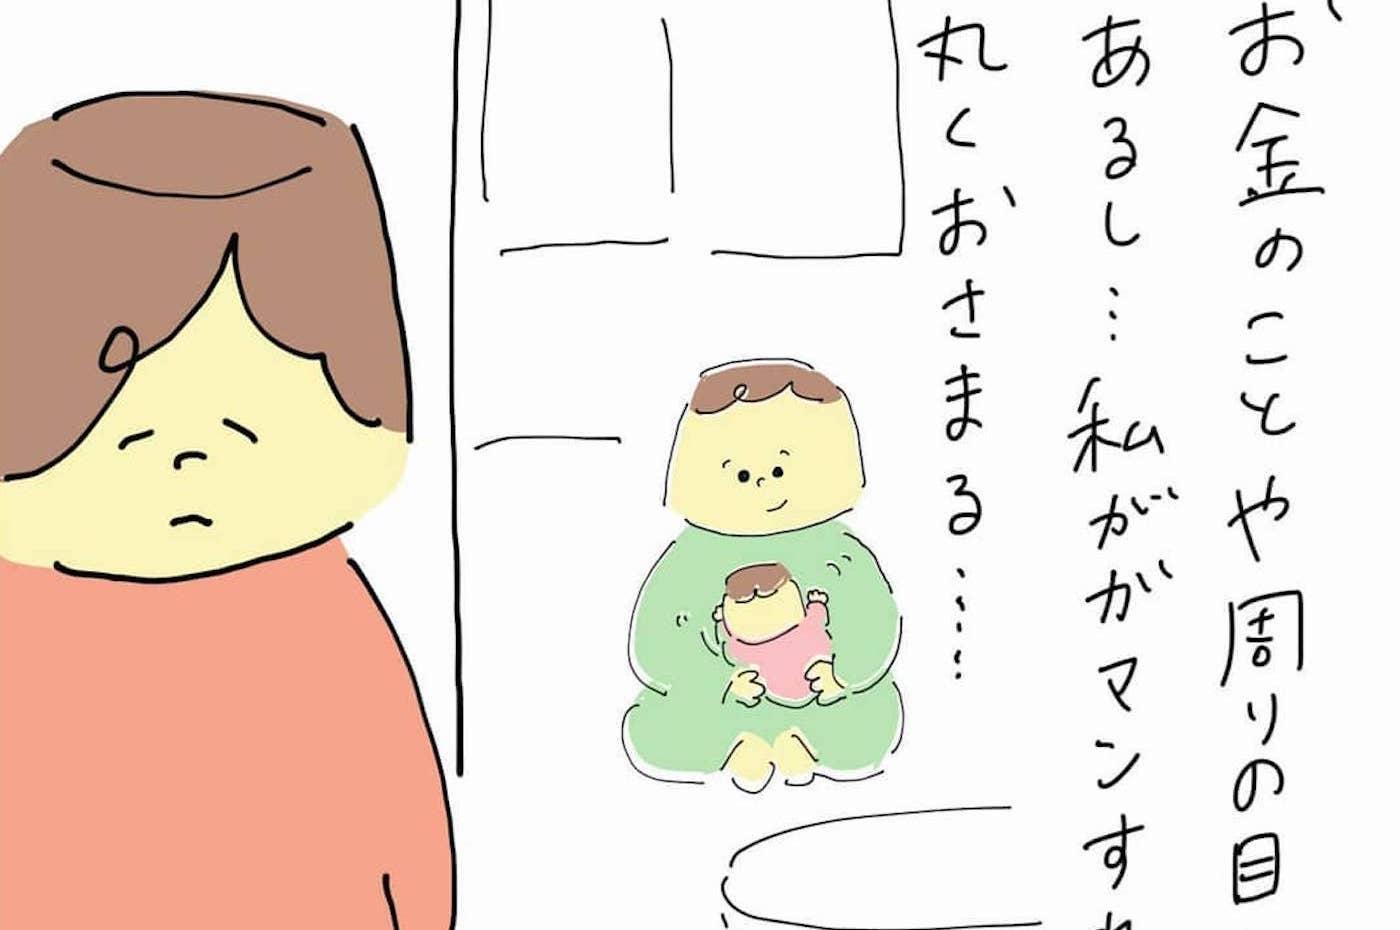 娘から父親は奪えない…不倫の事実に妻はどう向き合えばいい?(66日前&65日前)